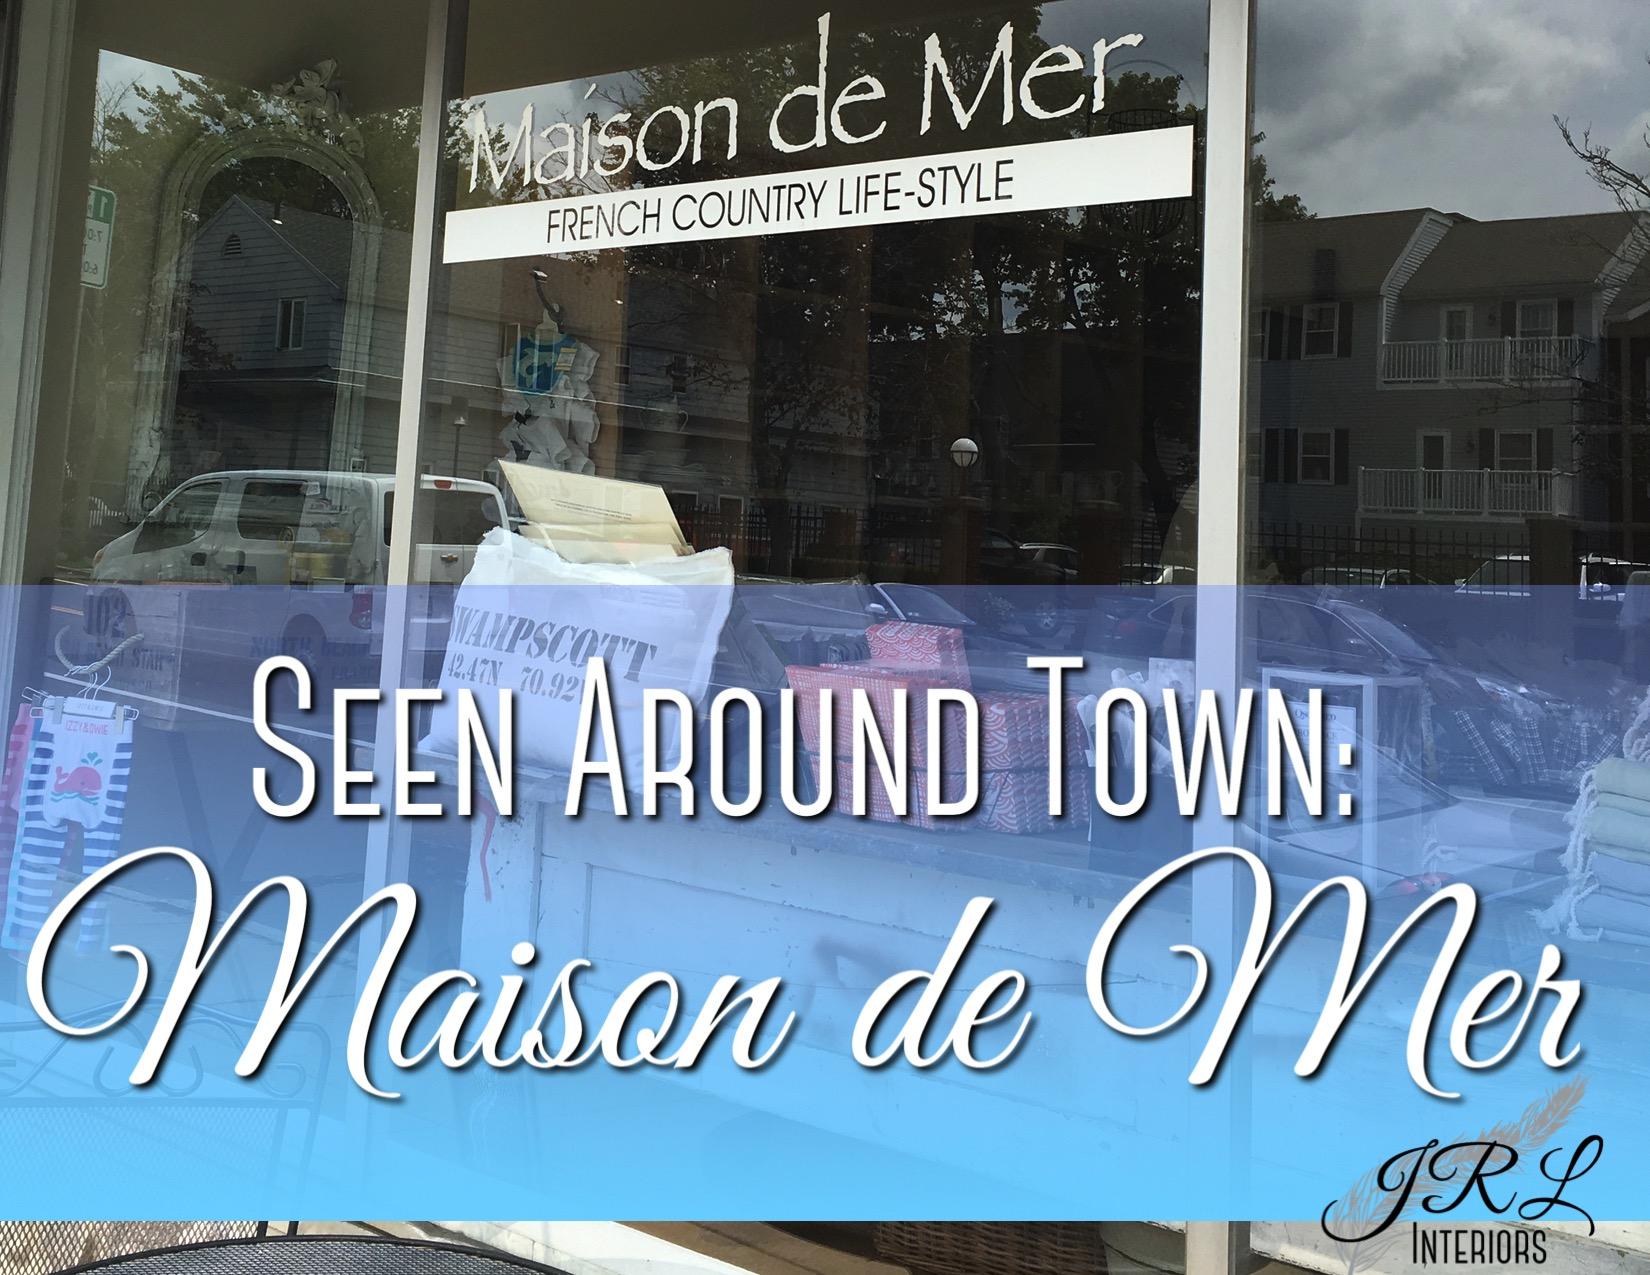 Seen-Around-Town-Maison-de-Mer-1.jpg